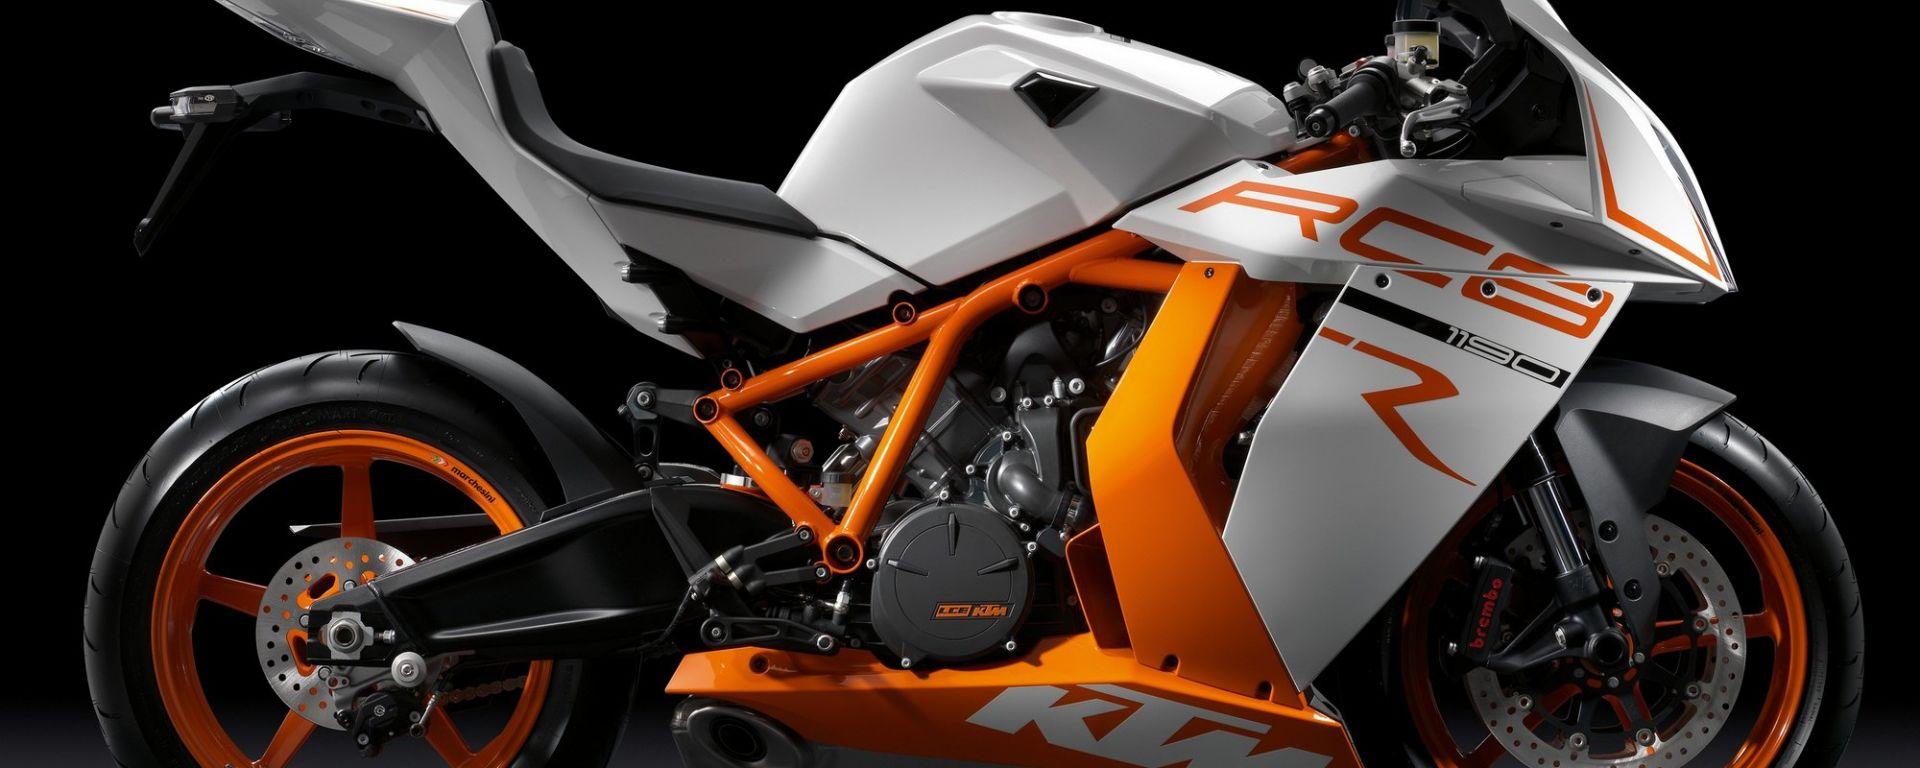 KTM RC8 R 2011